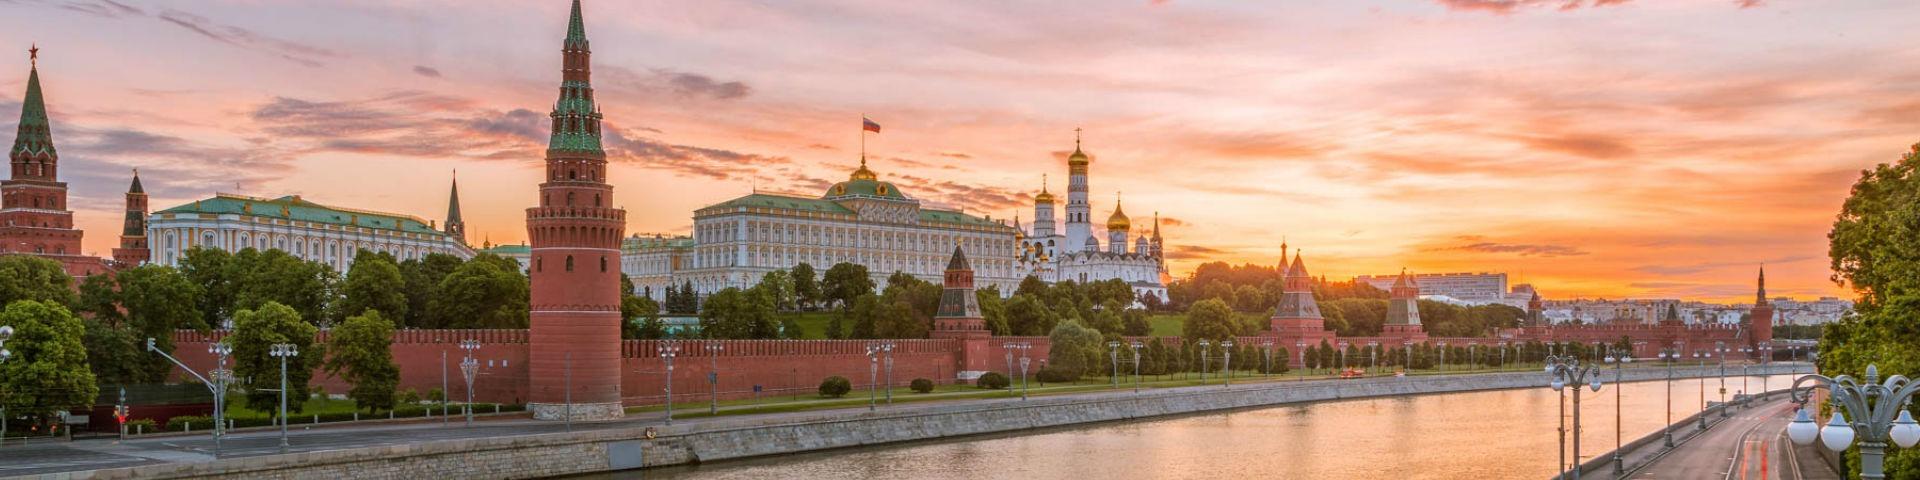 Букмекеры принесли бюджету РФ 3,2 миллиарда рублей в первом полугодии 2019-го